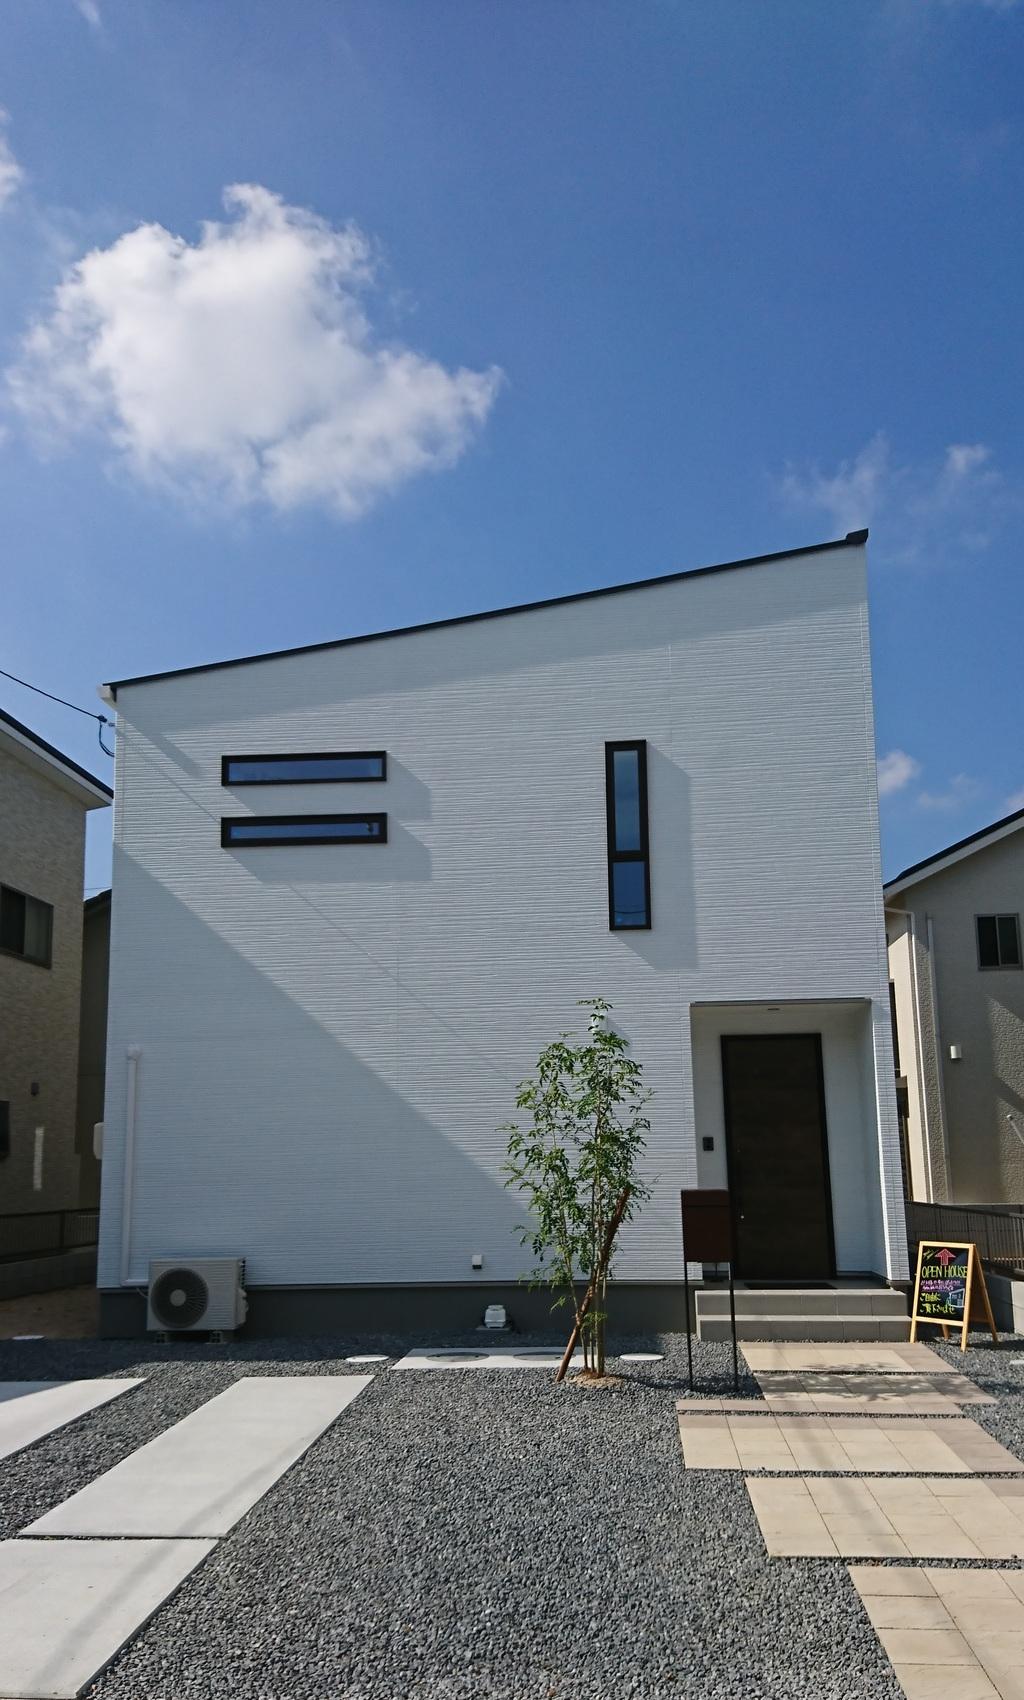 【3/24.3/25】瀬戸内市邑久町にて新規分譲住宅ご見学できます♪